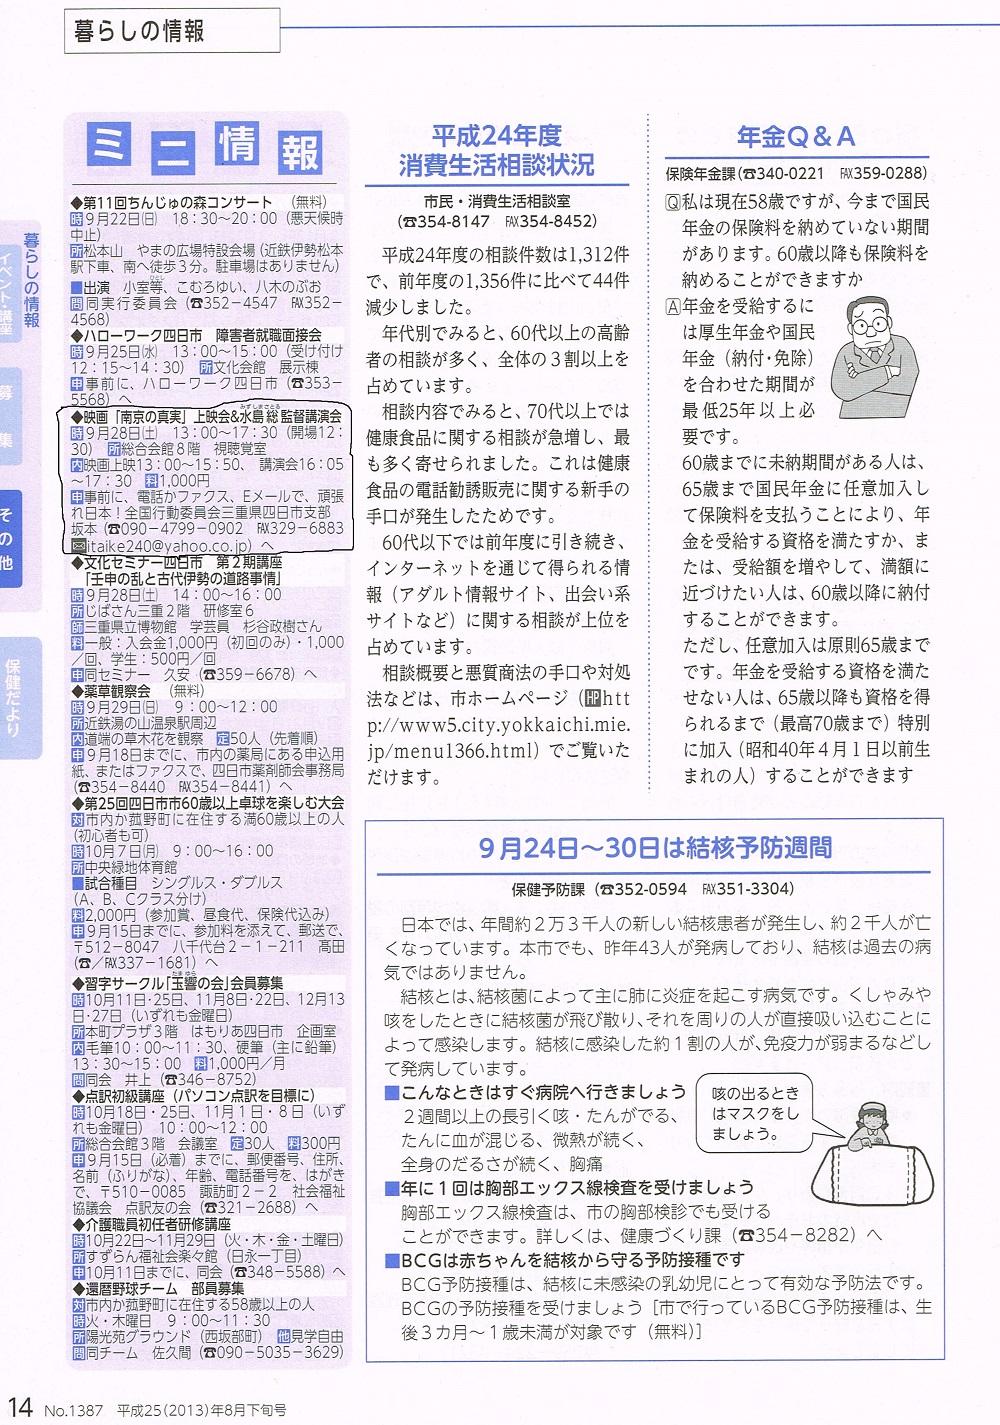 『広報よっかいち』8月下旬号 P14 改2